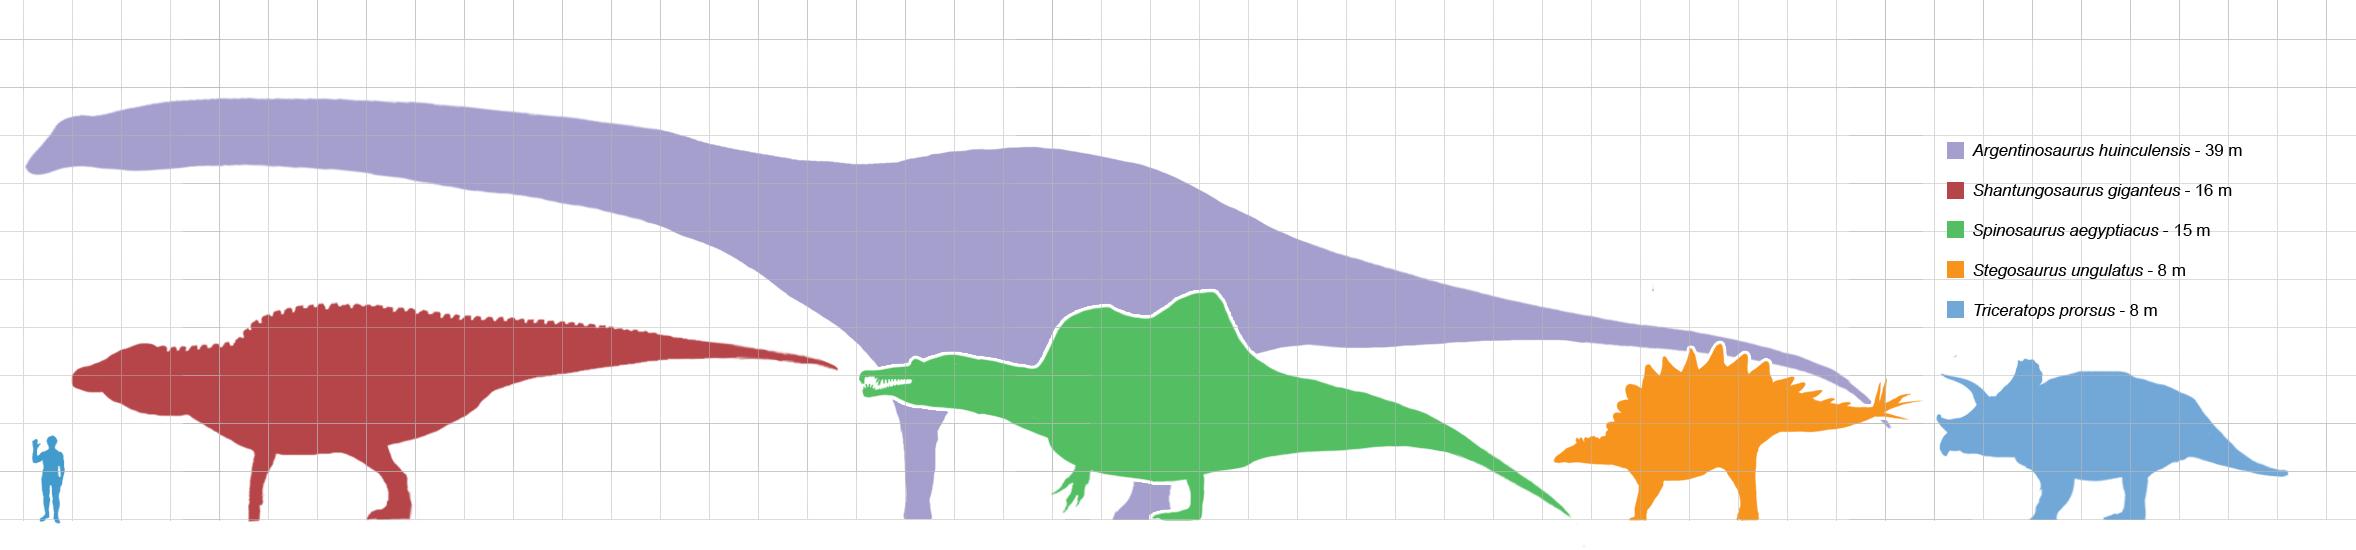 [Image: Largestdinosaursbysuborder_scale.png]